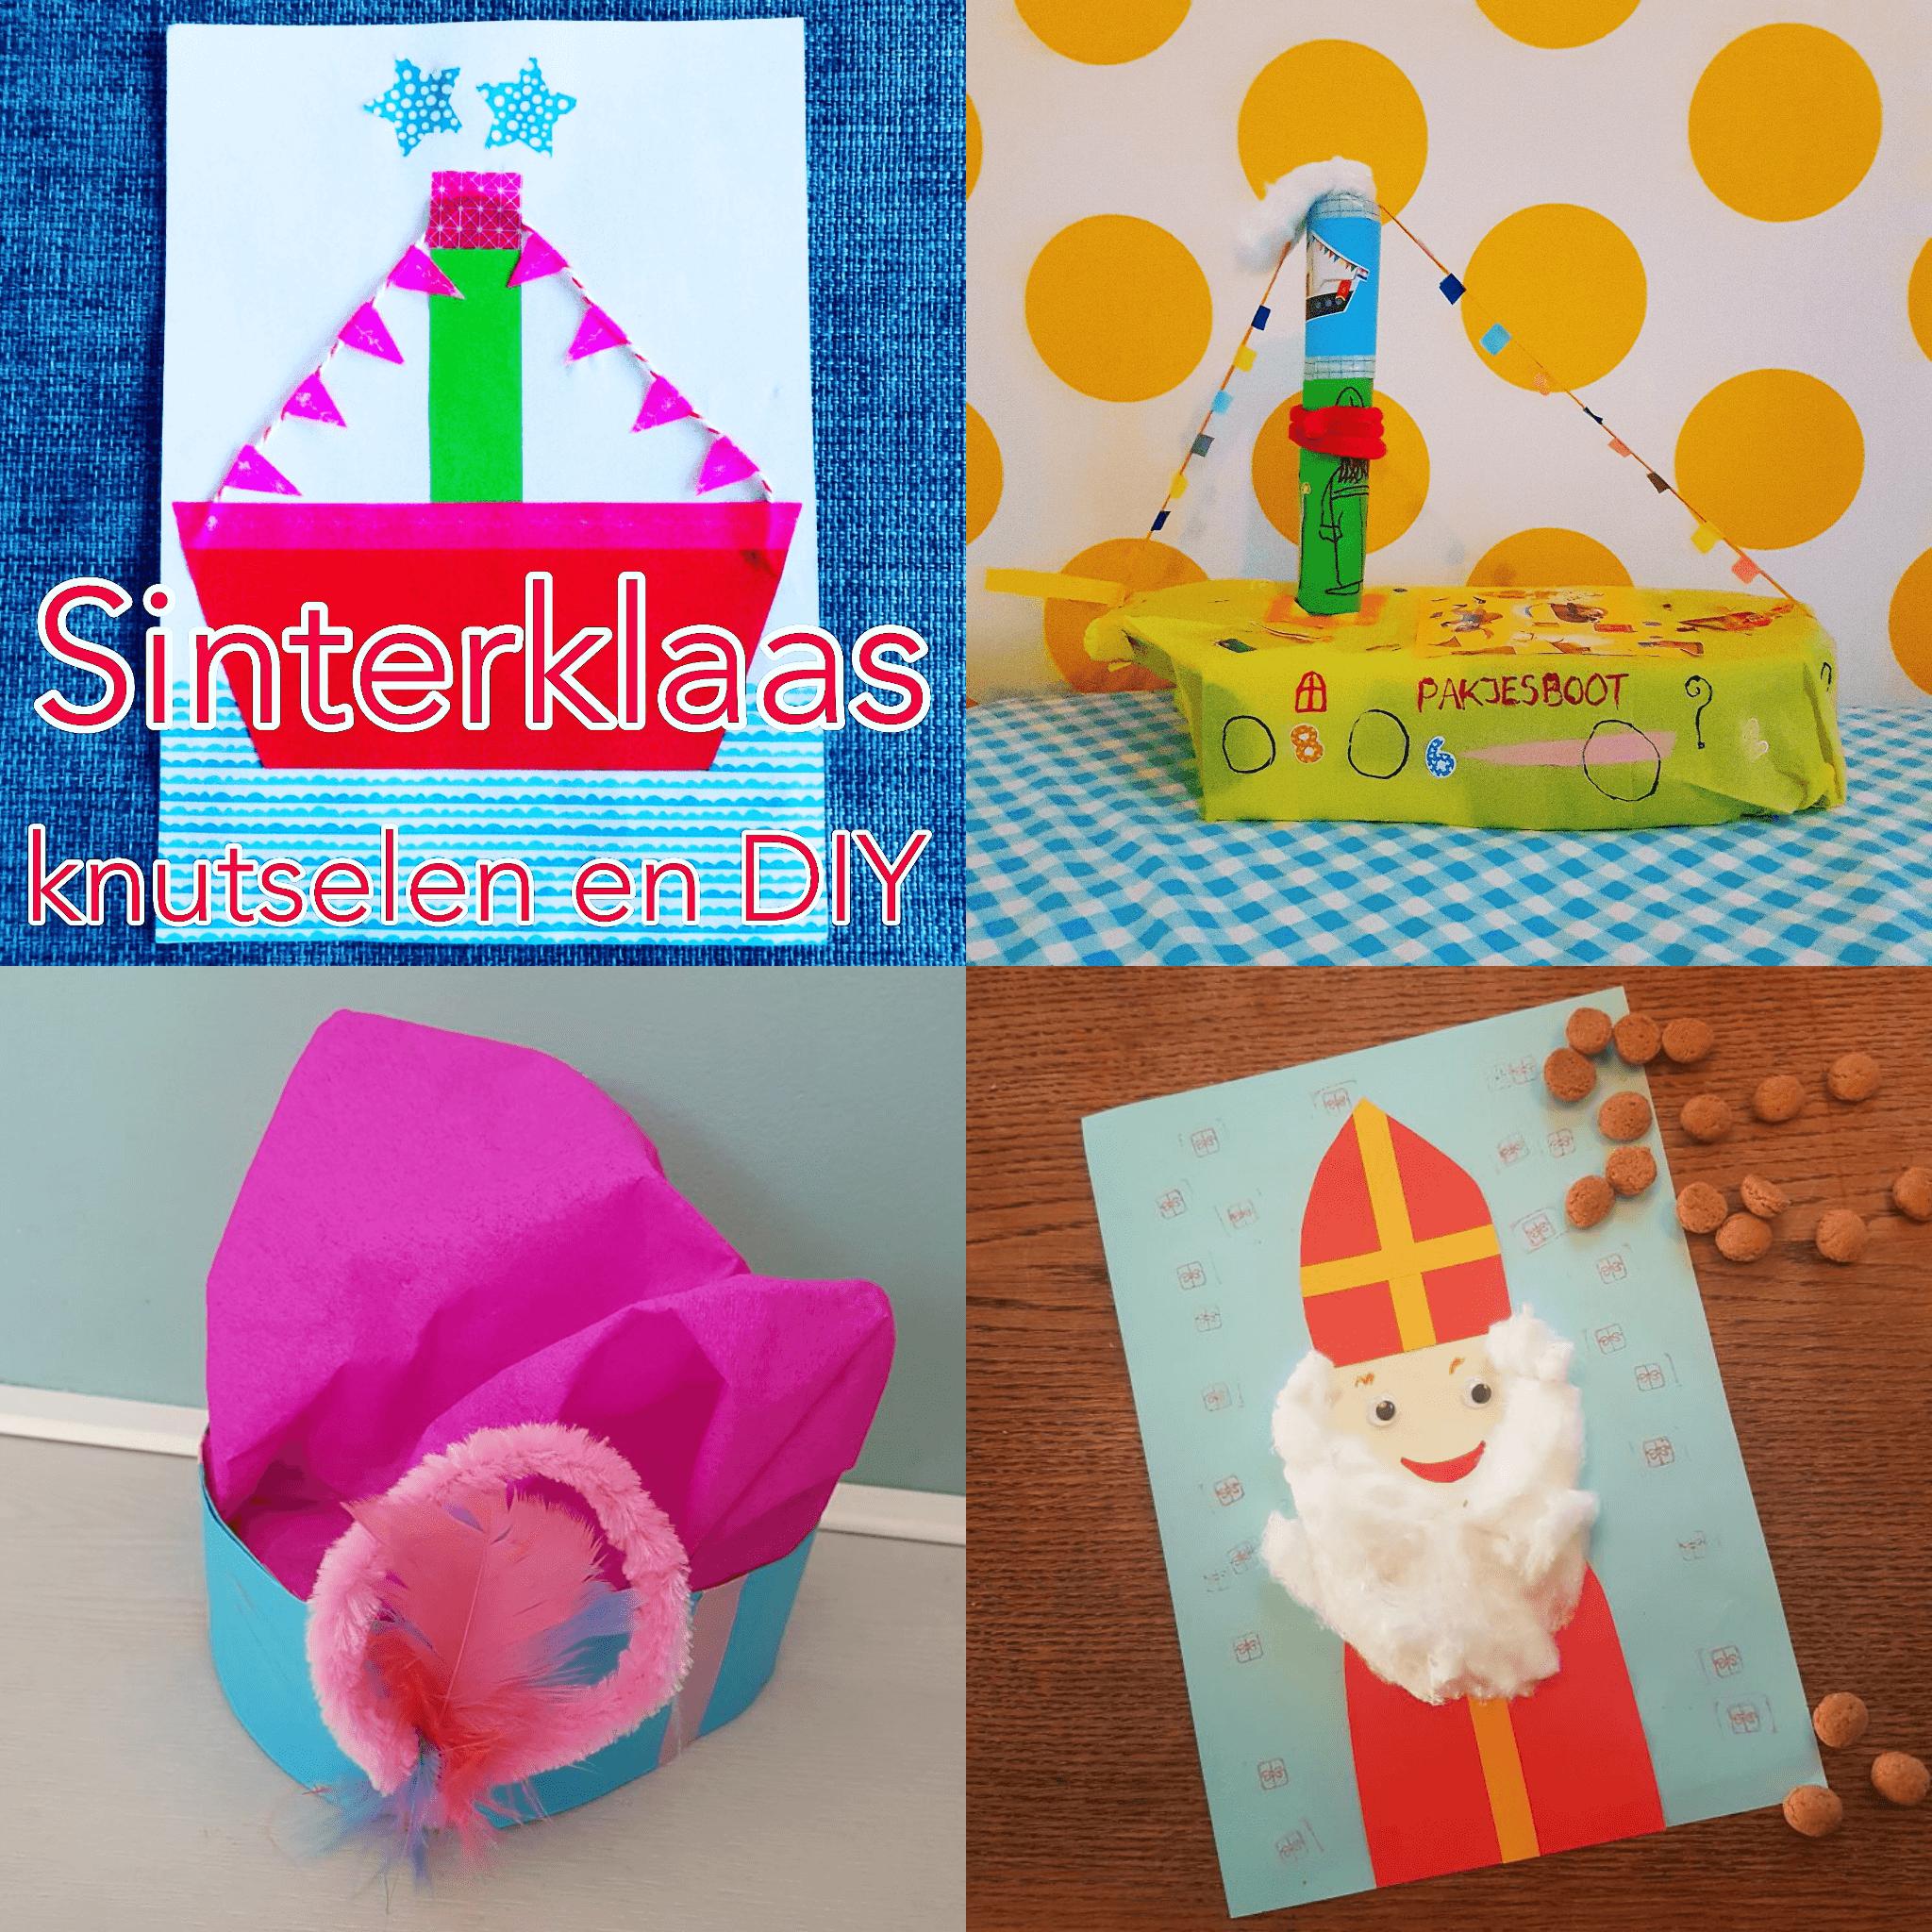 Verwonderlijk Sinterklaas knutselen: leuke ideeën voor Sint en Piet - Leuk met kids ZL-11